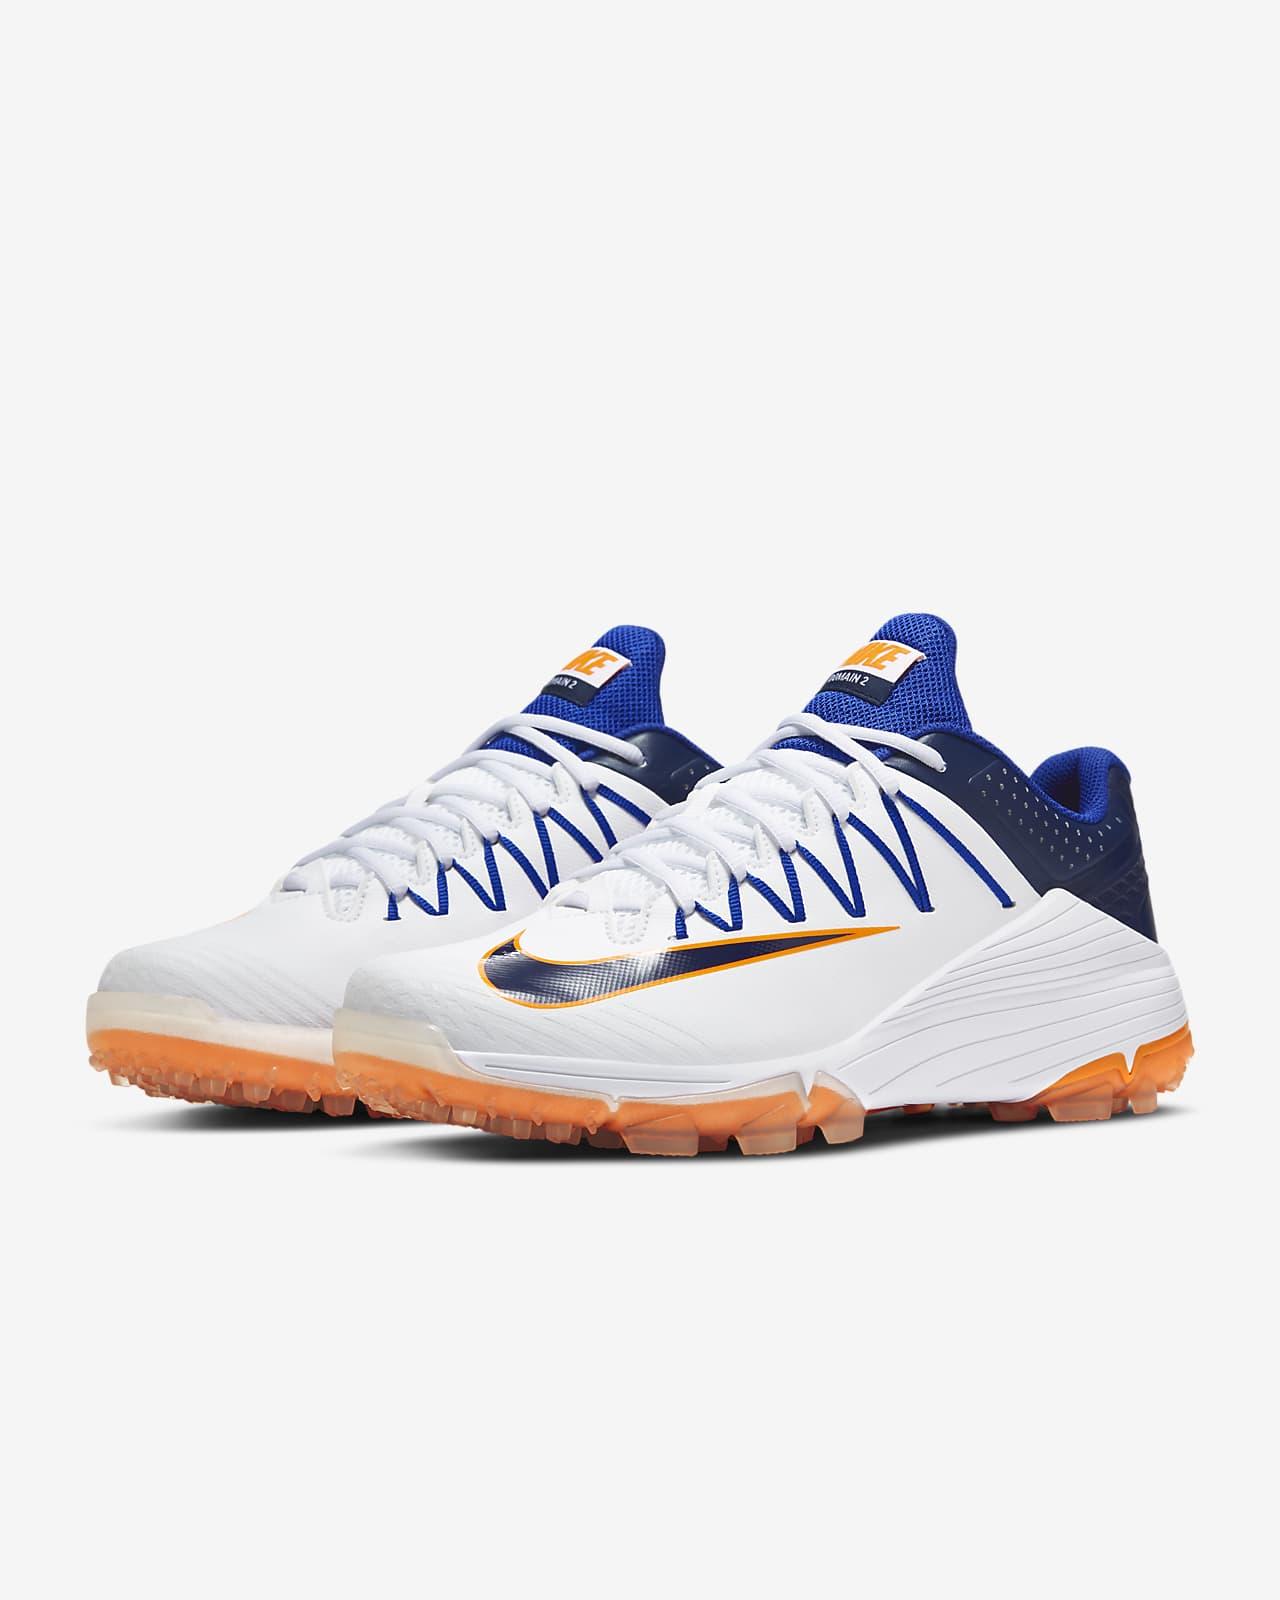 Nike Domain 2 NS Unisex Cricket Shoe